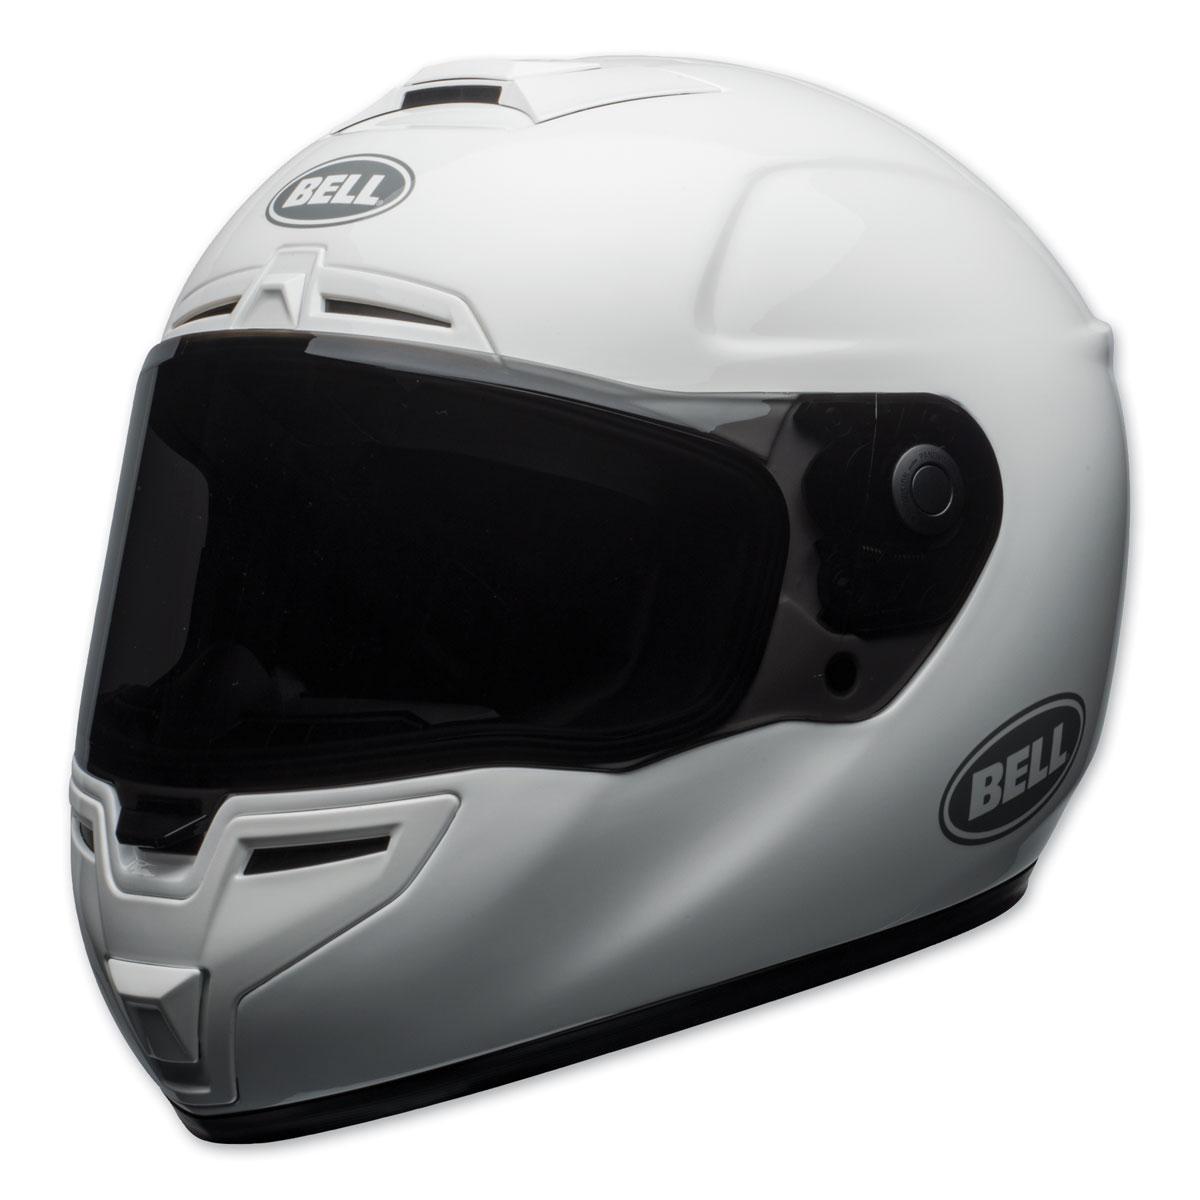 531c3cc0 Bell SRT Gloss White Full Face Helmet - 7092364 | JPCycles.com